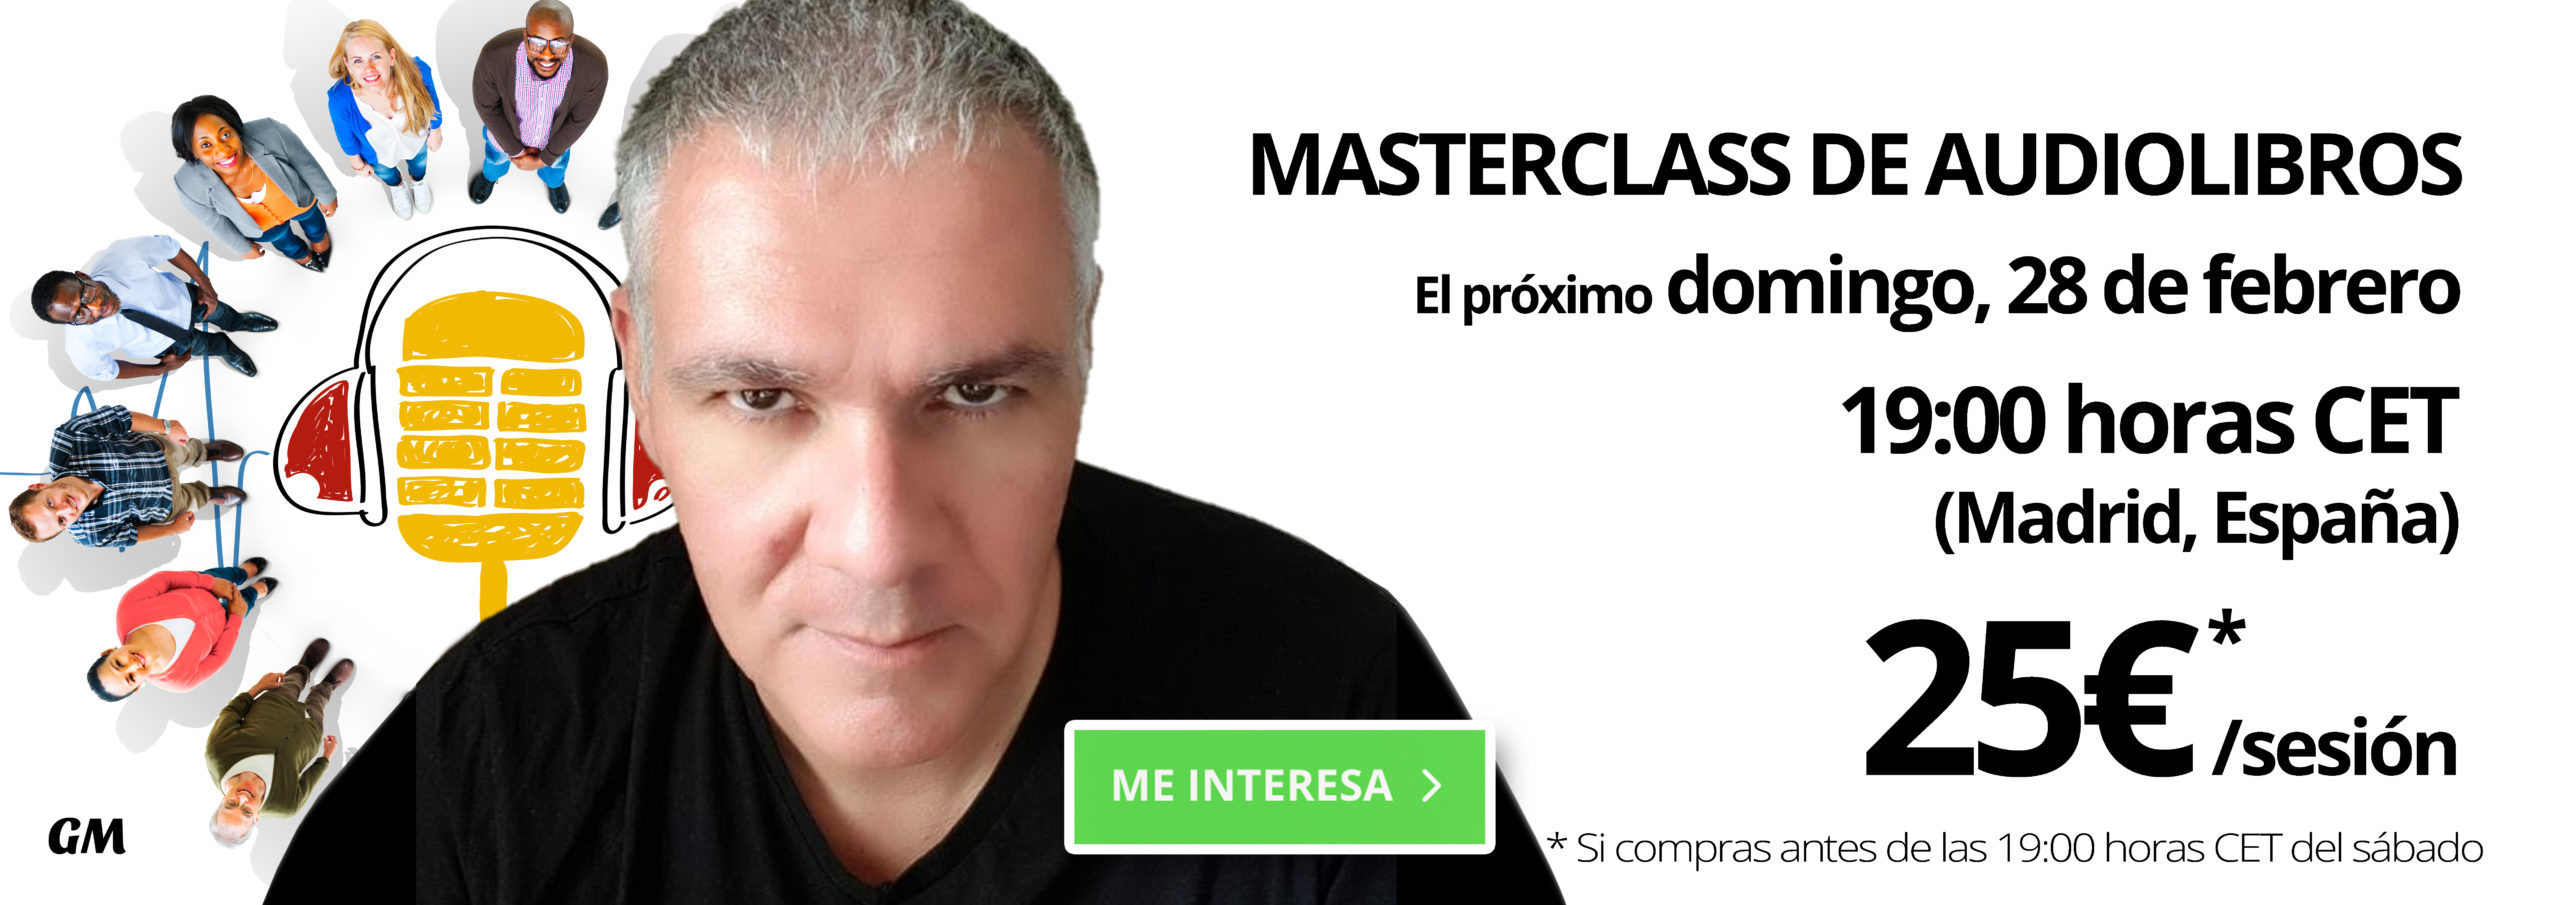 Promoción MASTERCLASSS Guillermo Morante